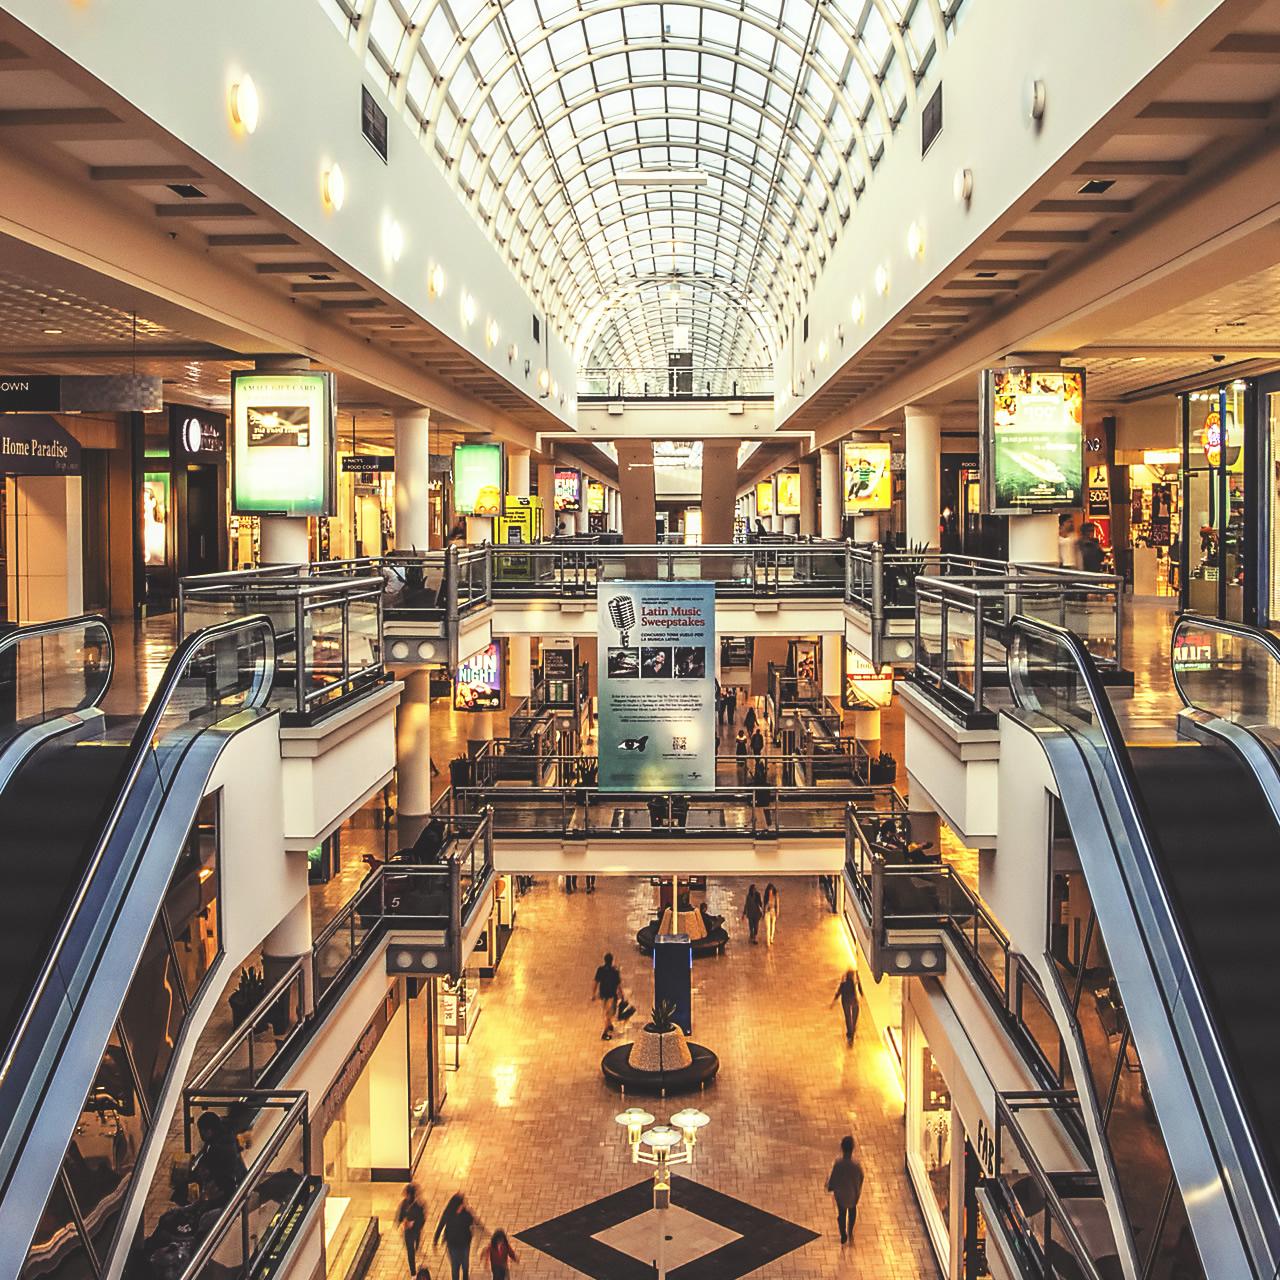 C&W Services building maintenance client - Macherich malls